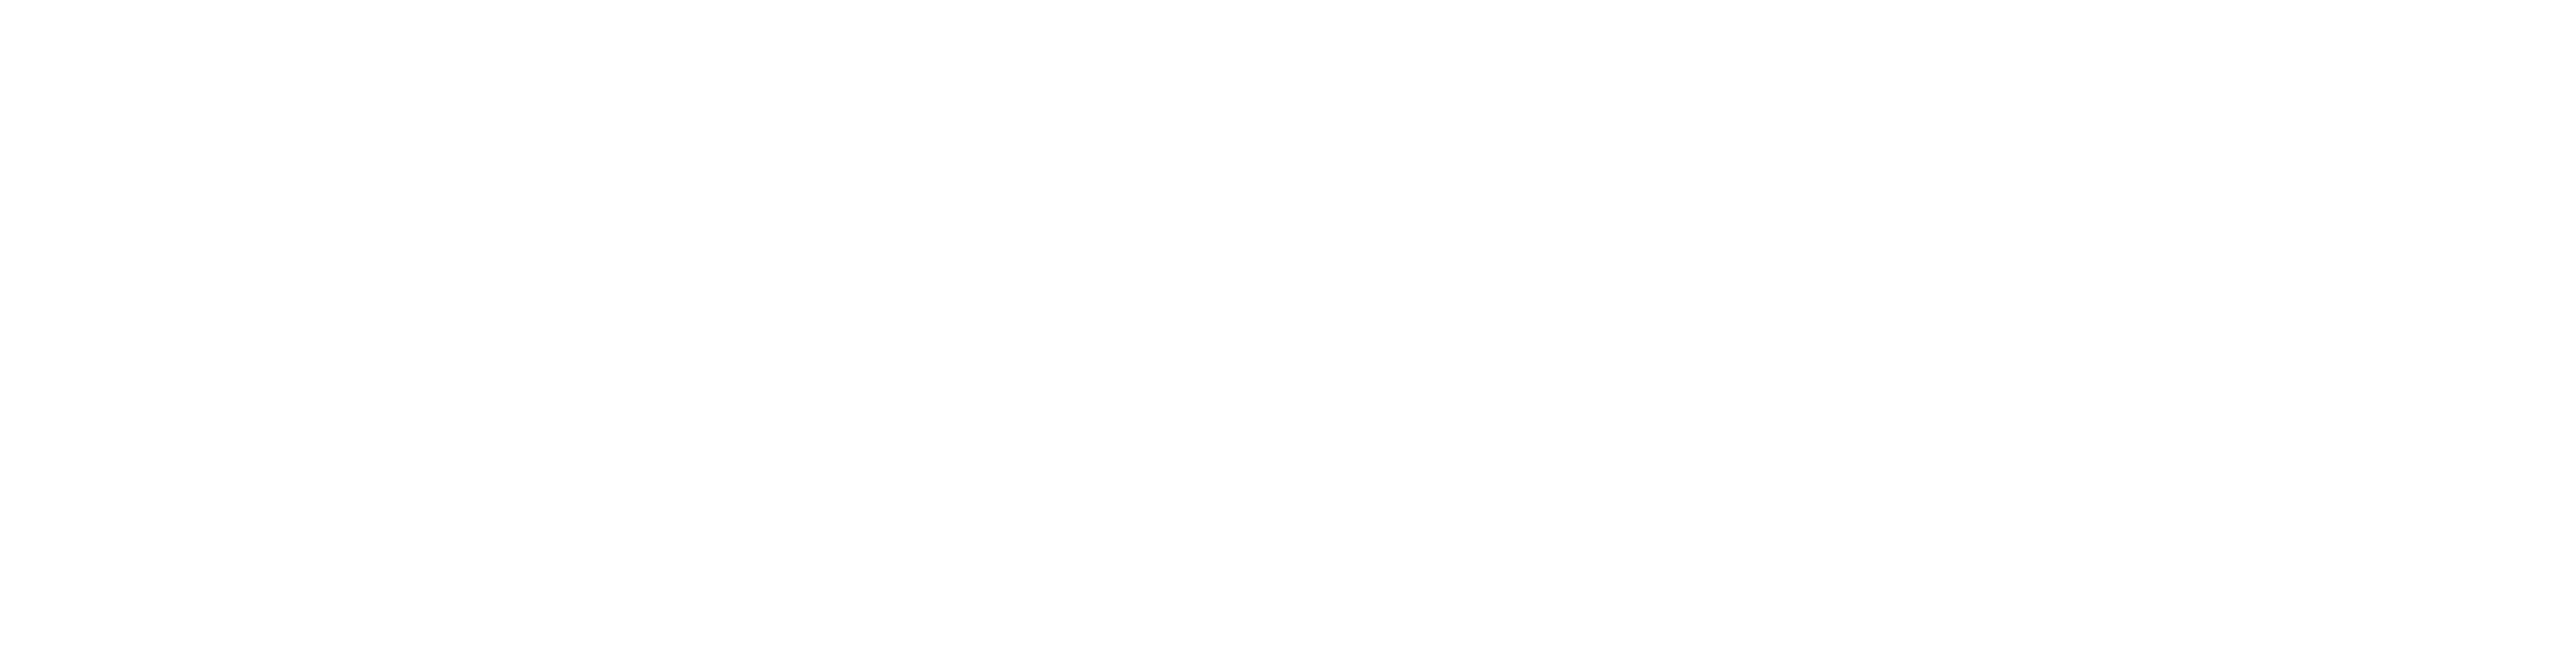 WinutRx Logo